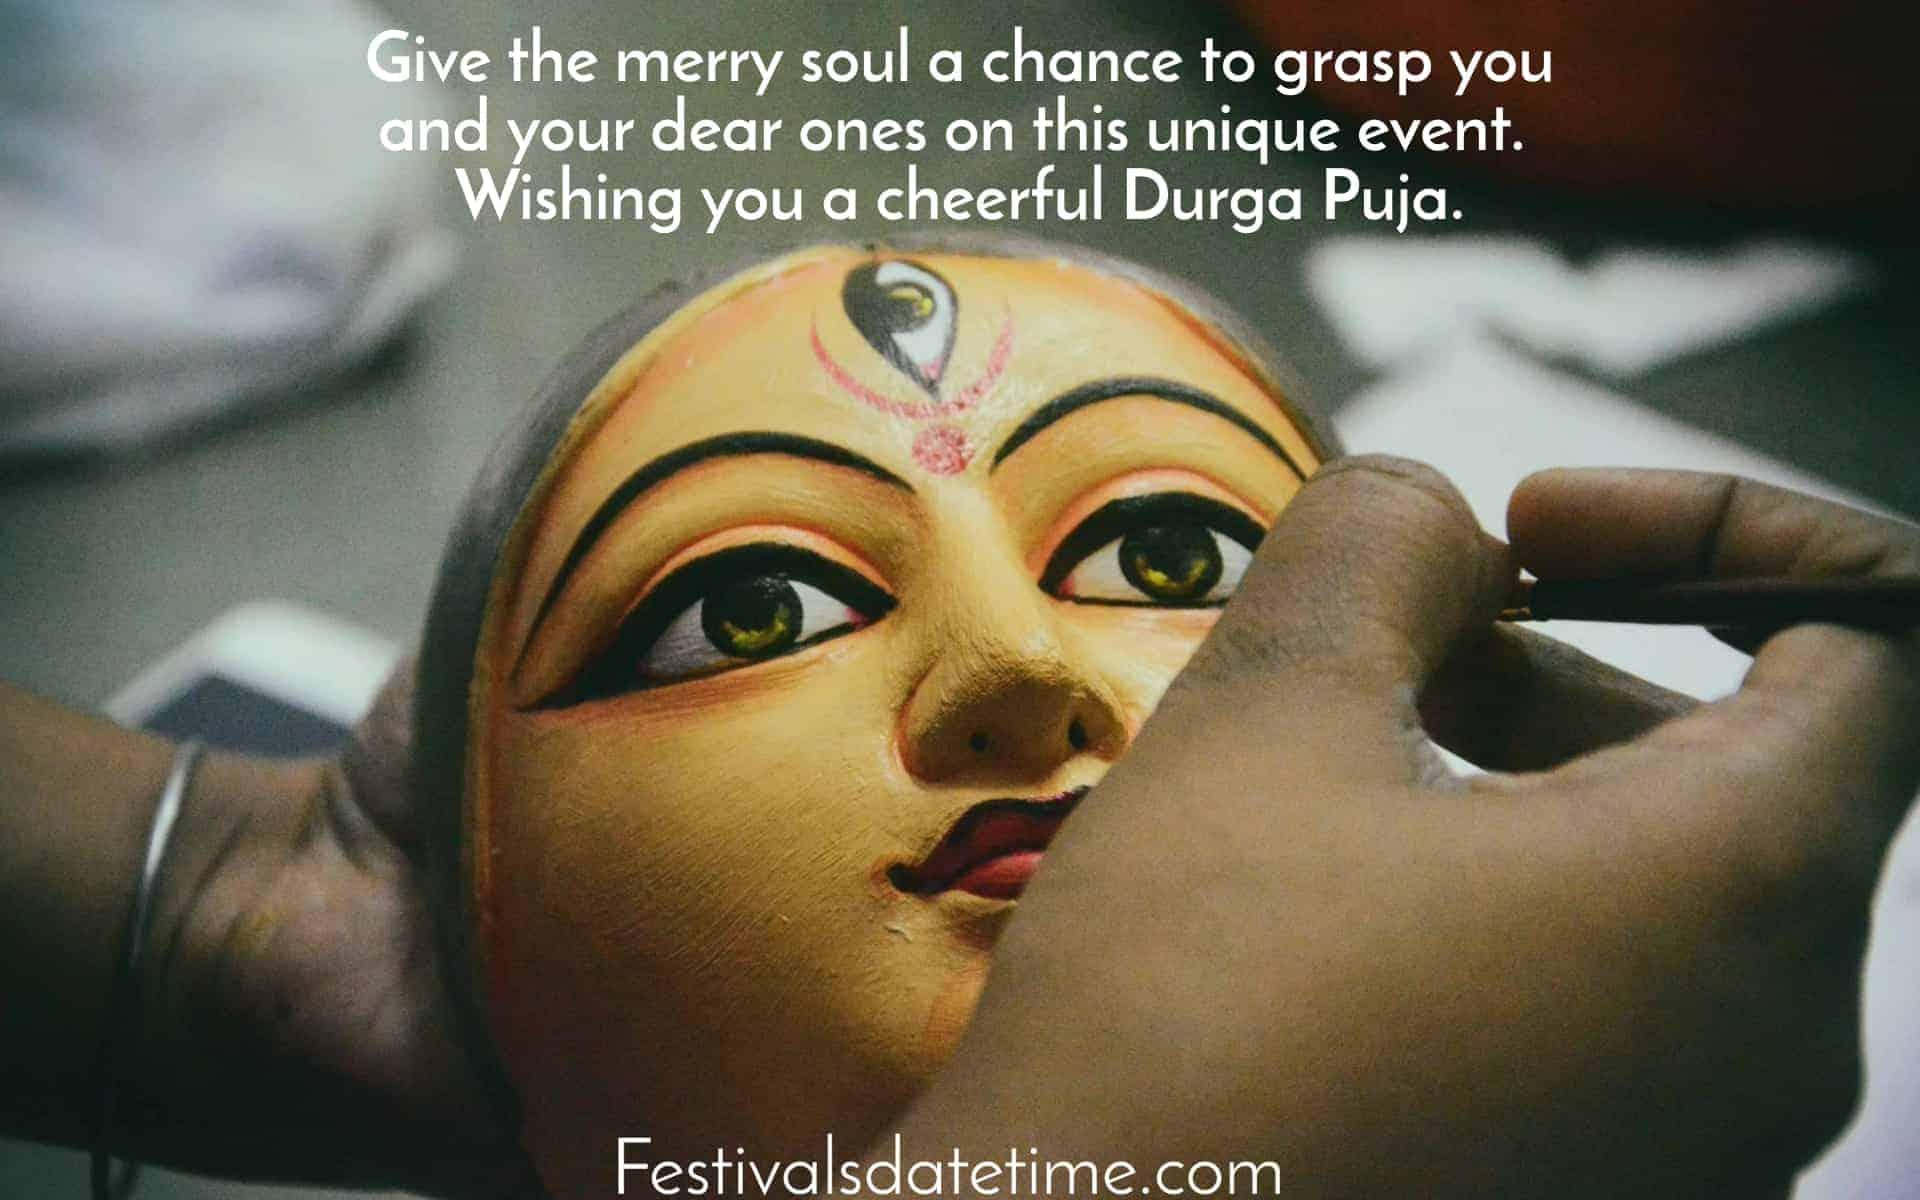 greetings_for_durga_puja